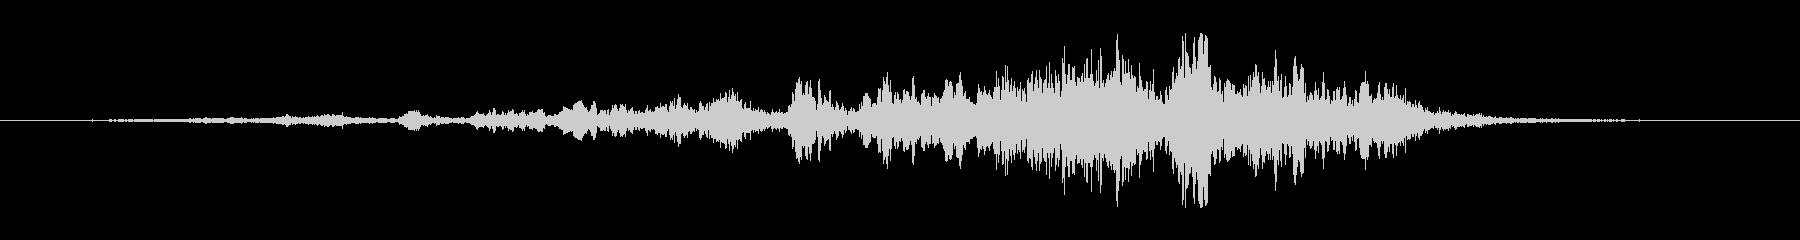 イイジマムシクイのさえずり(1声のみ)の未再生の波形